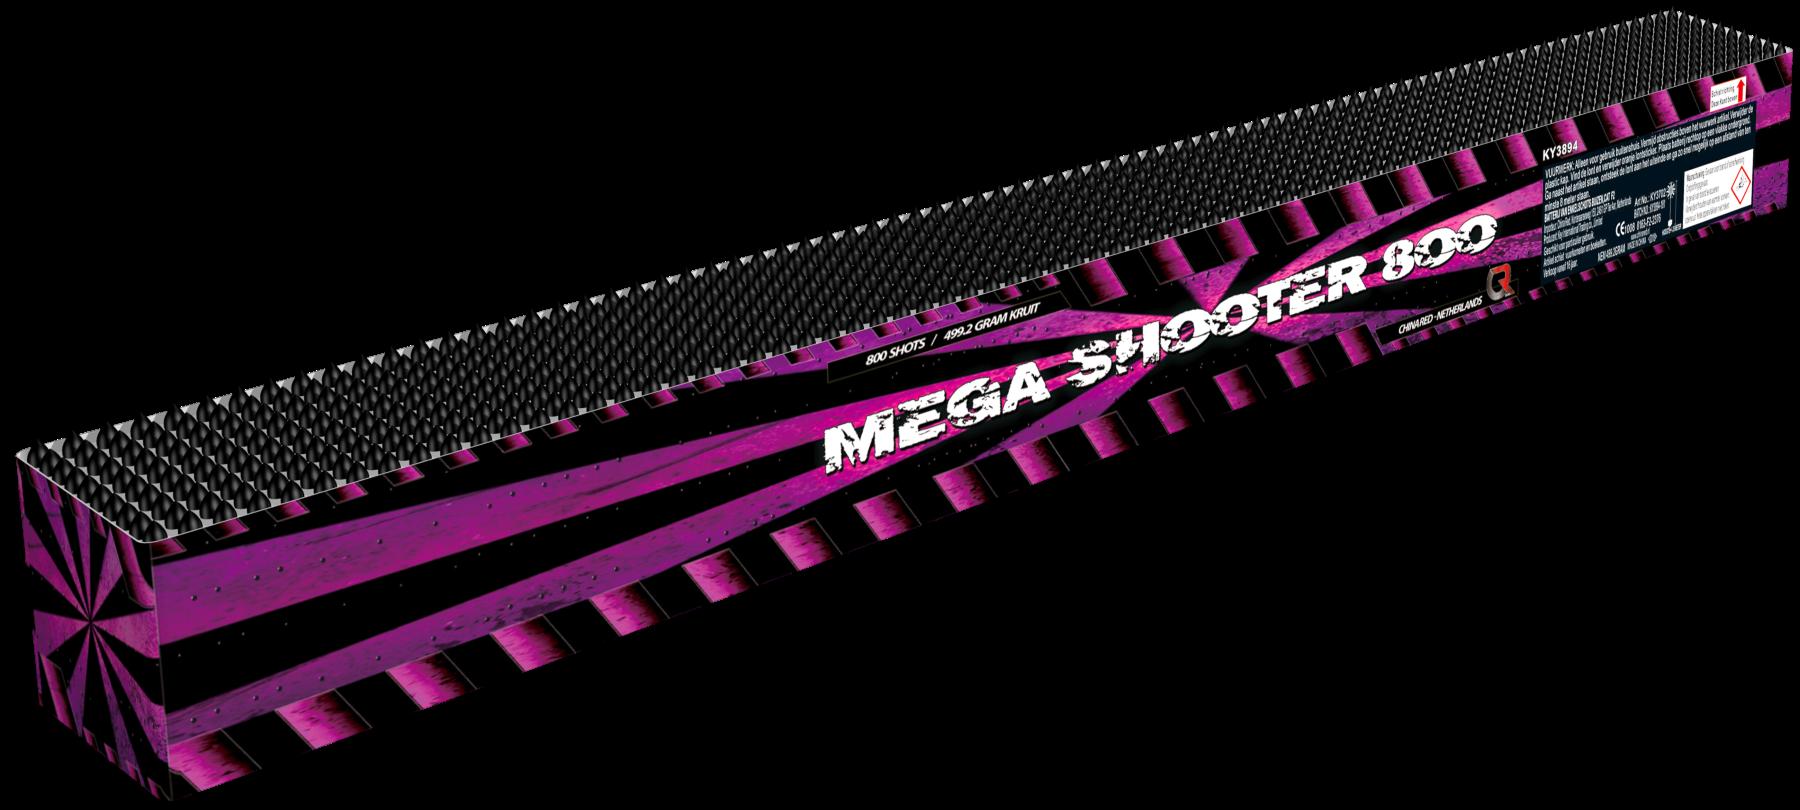 Mega Shooter 800